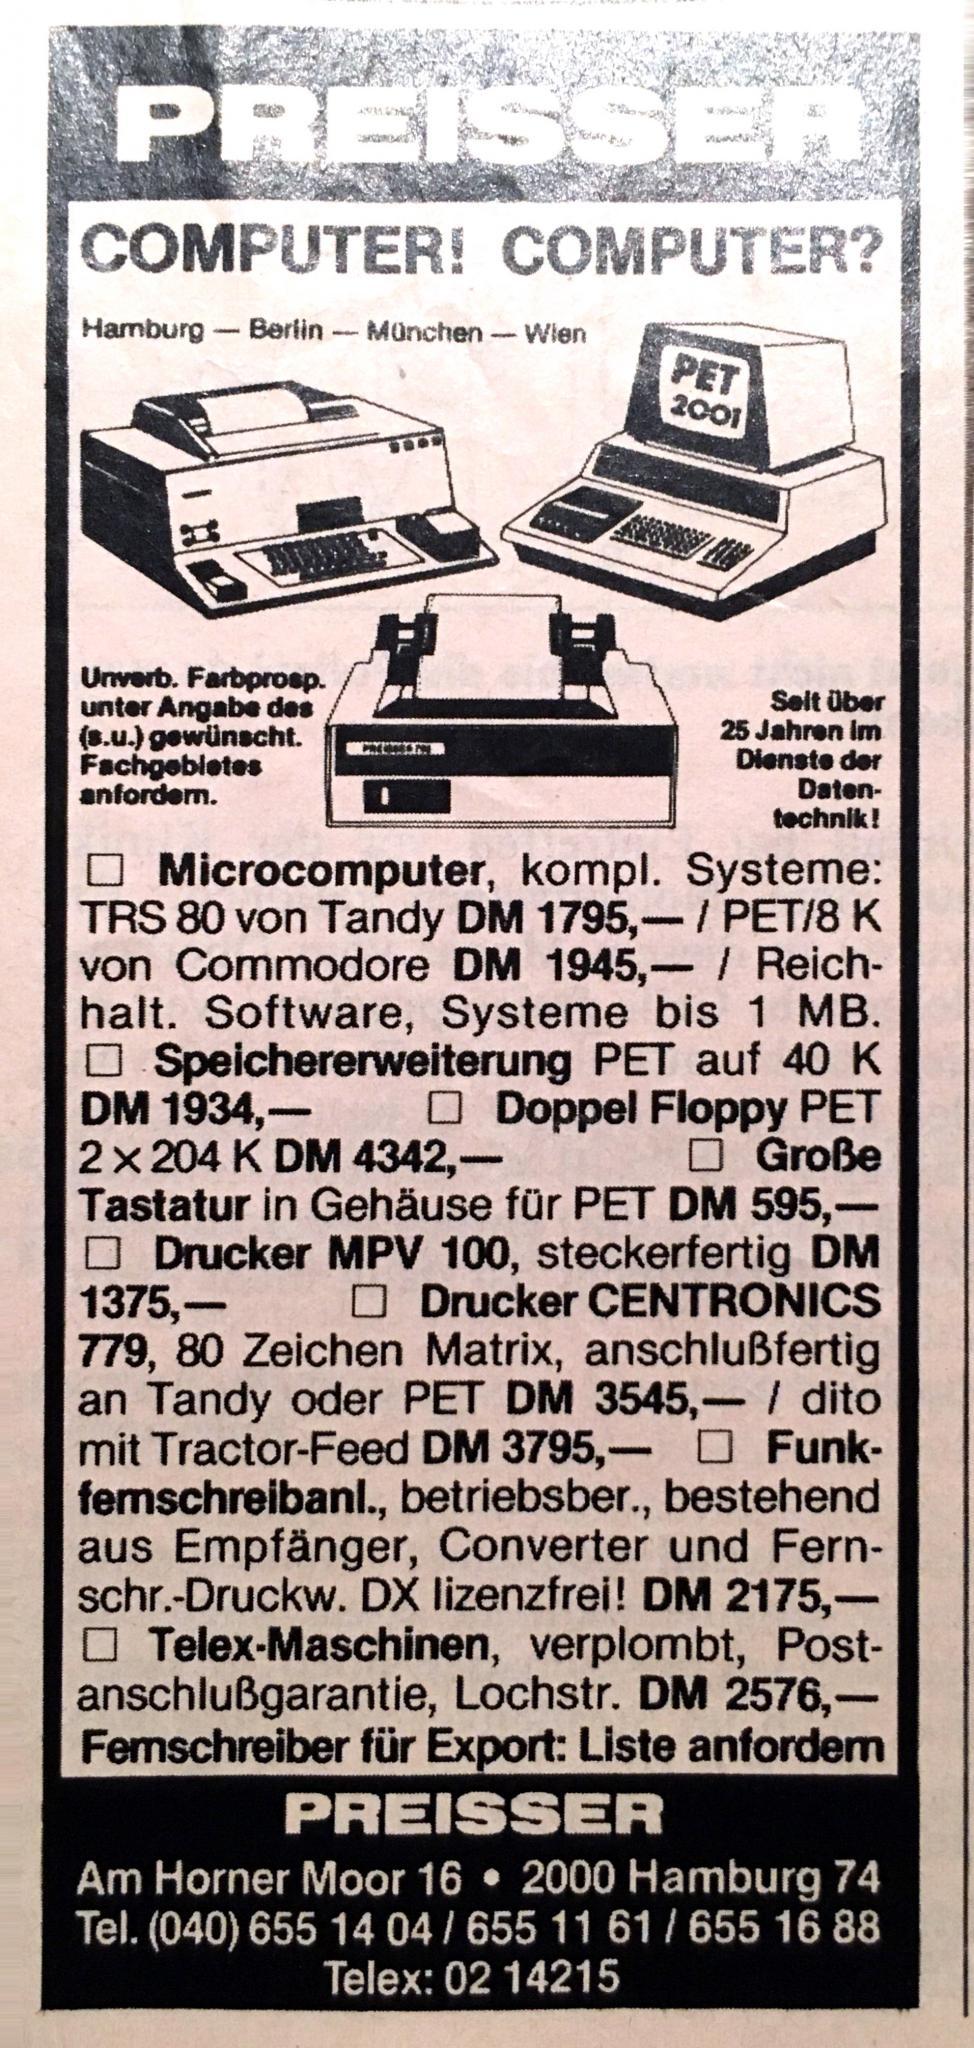 Computerpreise 1979. Schmerzhaft.